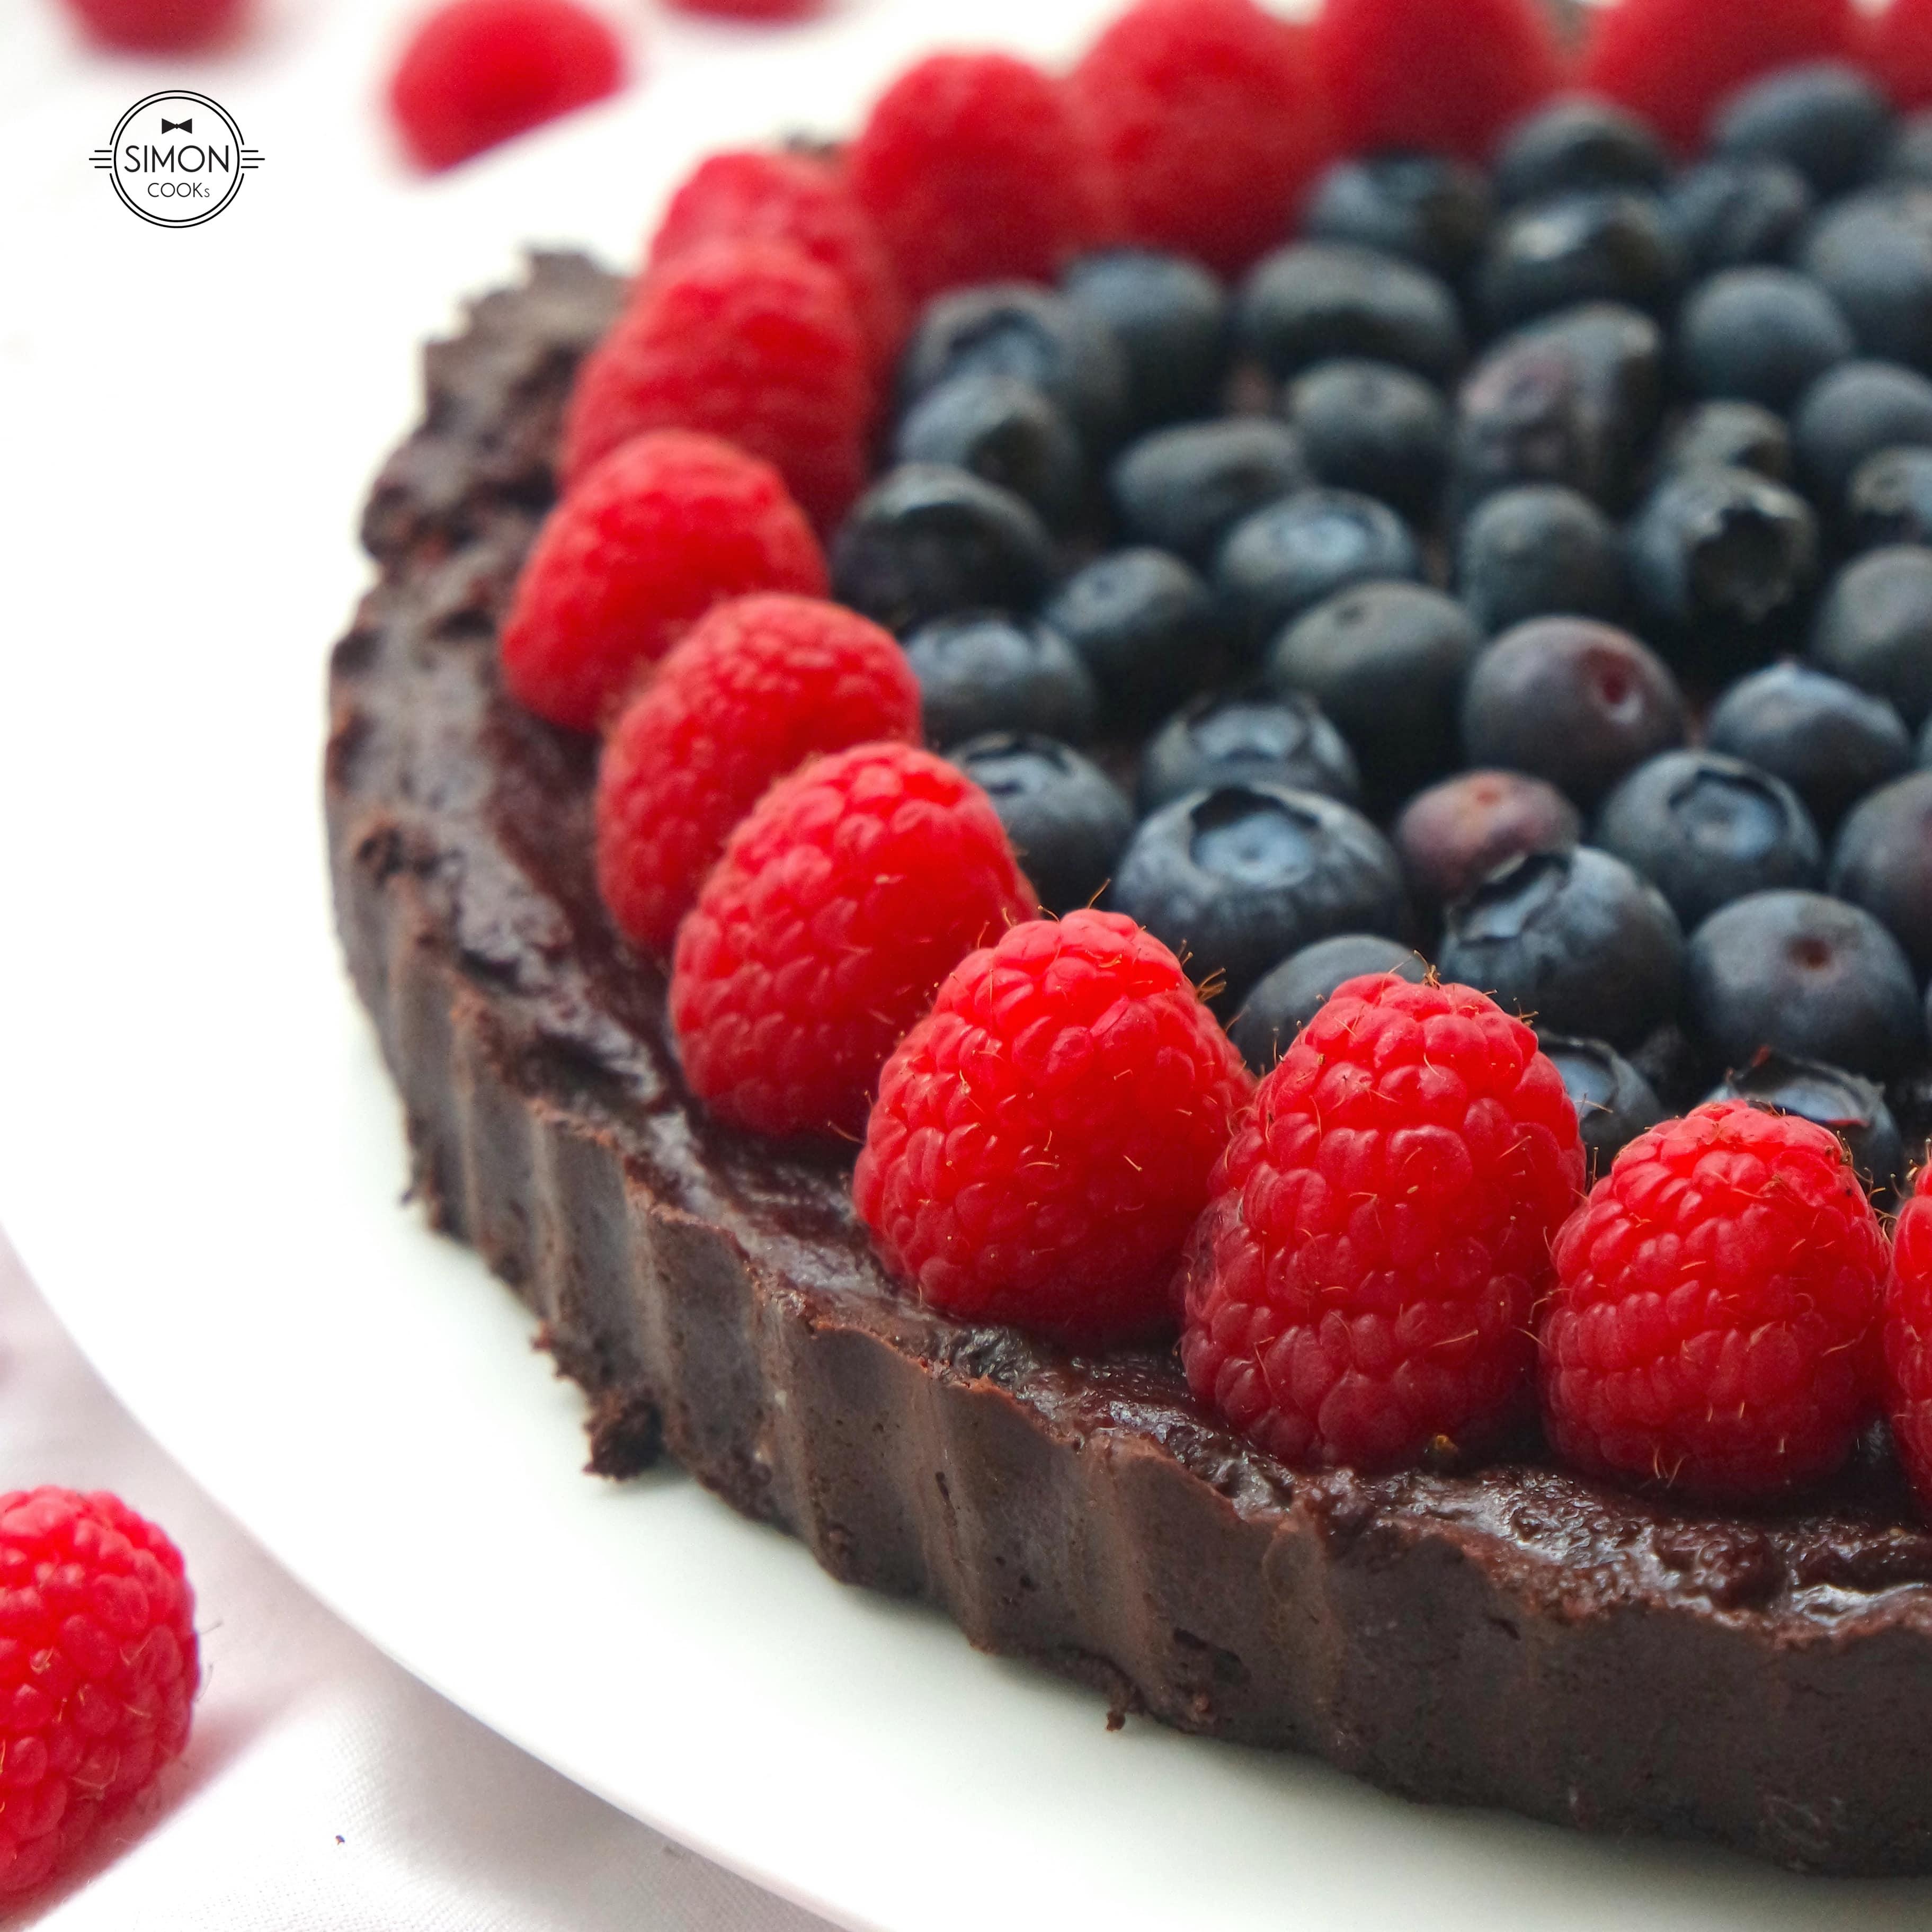 tarta czekoladowa simon cooks czekolada maliny borówki